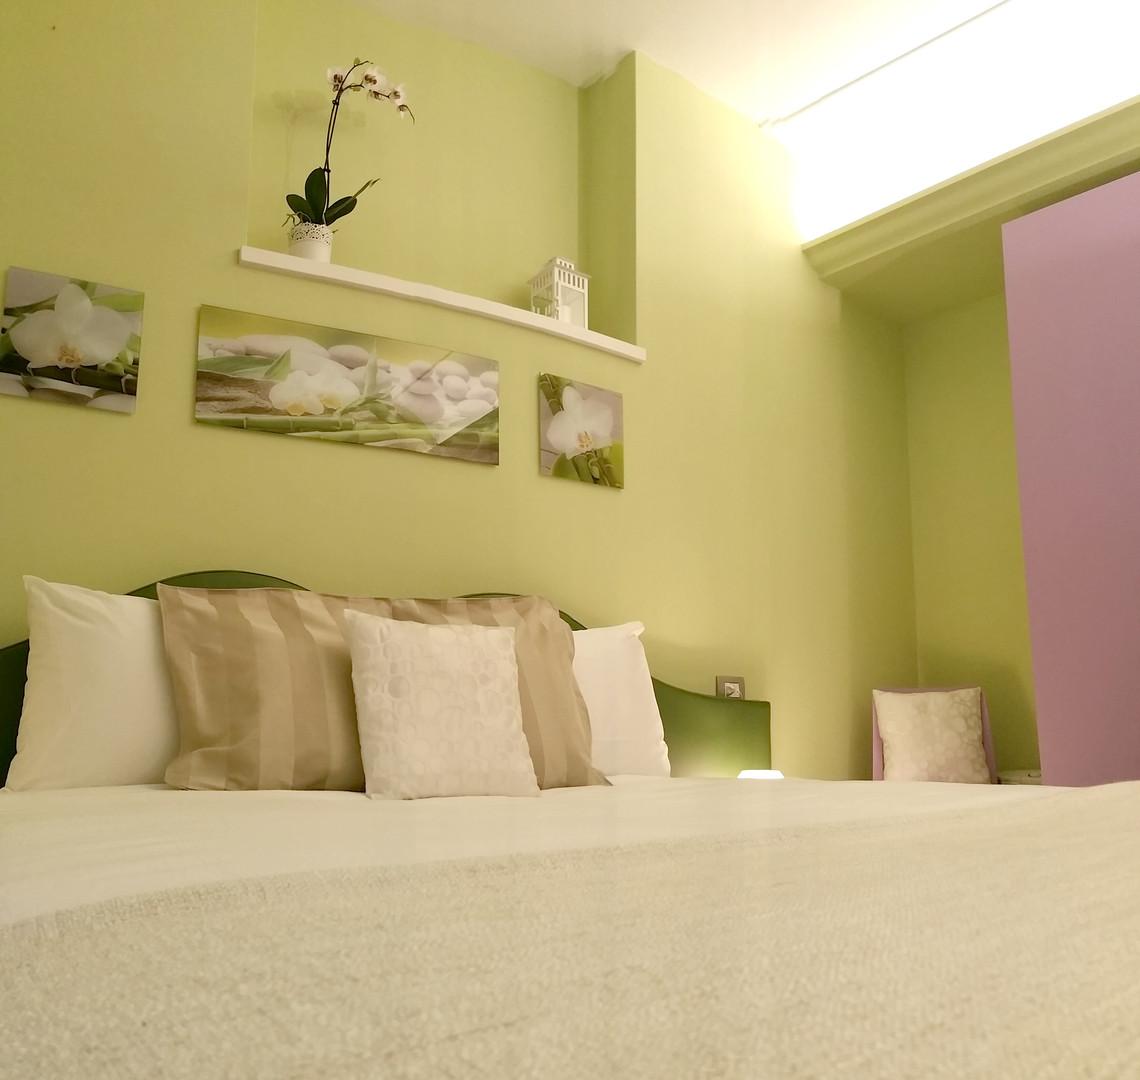 violetta2 - Copia.jpg